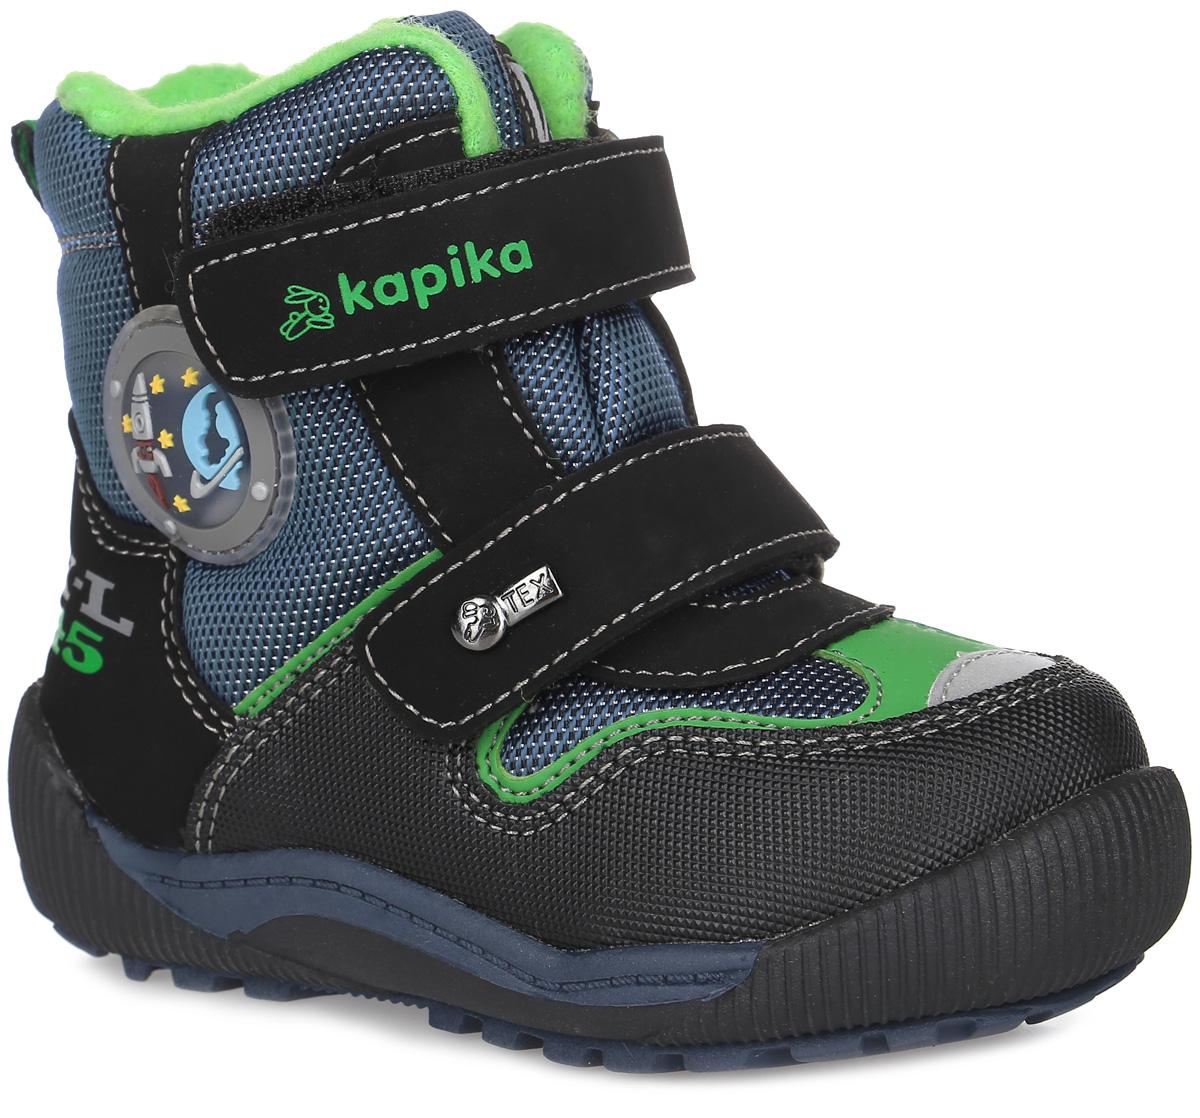 41173-1Удобные высокие ботинки от Kapika придутся по душе вашему мальчику! Модель изготовлена из искусственной кожи и плотного текстиля. Изделие оформлено вставками и прострочкой, сбоку - аппликацией из ПВХ на тему космоса, на язычке - фирменной нашивкой, на ремешках - тиснением с названием бренда и металлическим элементом. Ярлычок на заднике предназначен для удобства обувания. Два ремешка на застежках-липучках надежно фиксируют изделие на ноге. Мягкая подкладка и стелька исполненные из текстиля, на 80% состоящего из натурального овечьего шерстяного меха, обеспечивают тепло, циркуляцию воздуха и сохраняют комфортный микроклимат в обуви. Рифление на подошве гарантирует идеальное сцепление с любыми поверхностями. Стильные ботинки займут достойное место в гардеробе вашего ребенка, они идеально подойдут для теплой зимы, а также поздней осени и ранней весны.